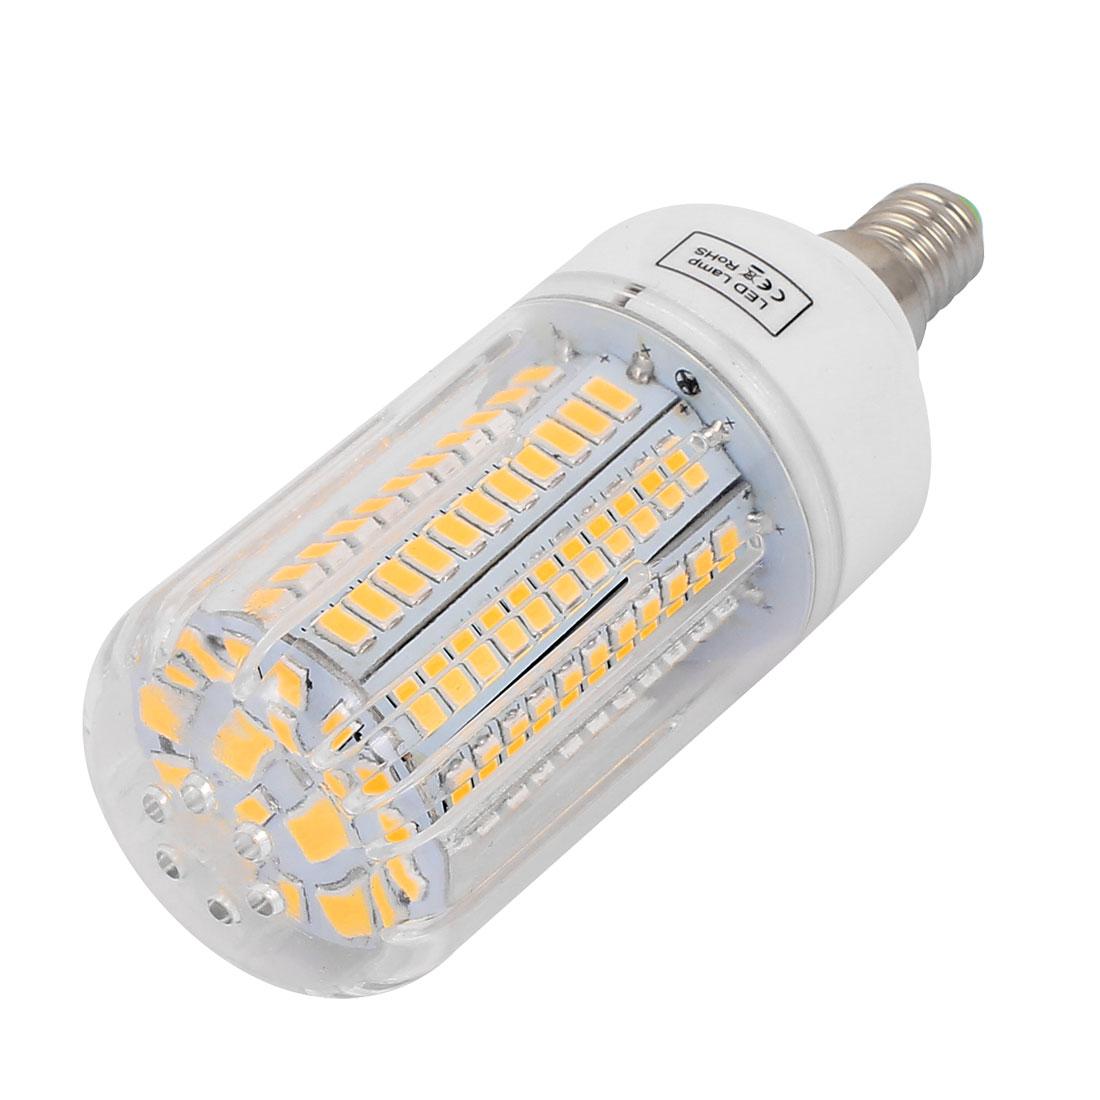 AC 220V E14 15W Warm White 130 LEDs 5733 SMD Energy Saving Silicone Corn Light Bulb